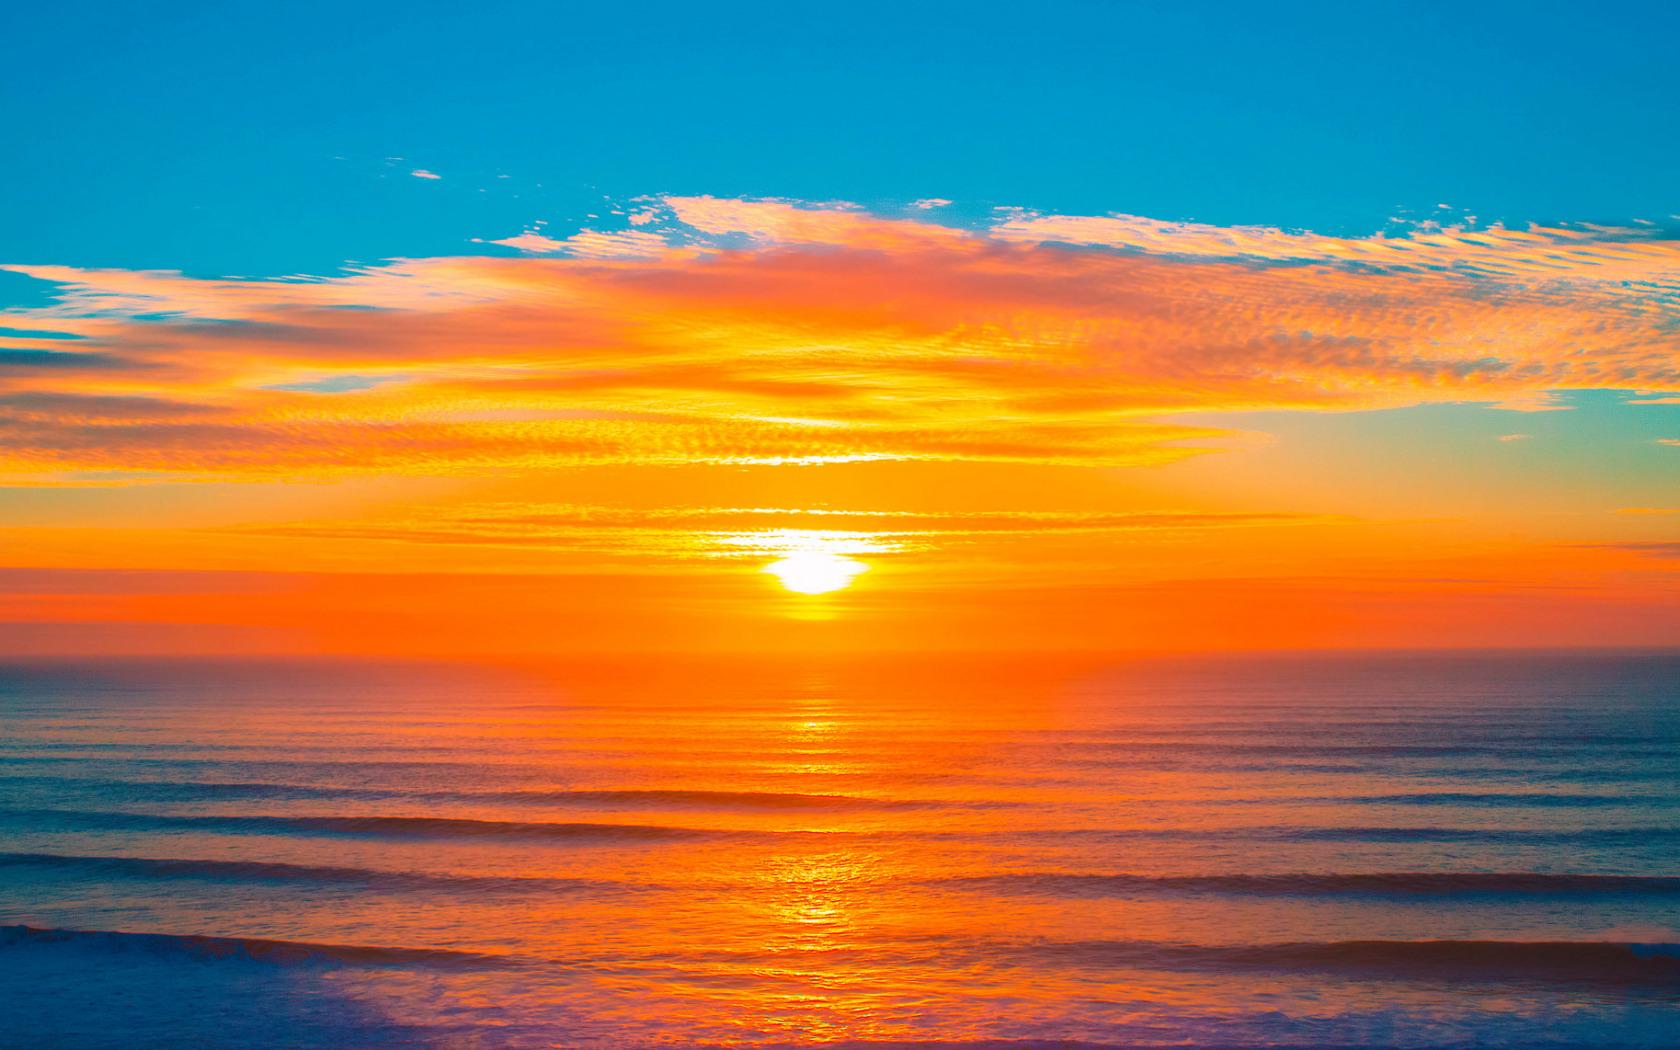 Вакансии мерчендайзером, открытка закат над морем